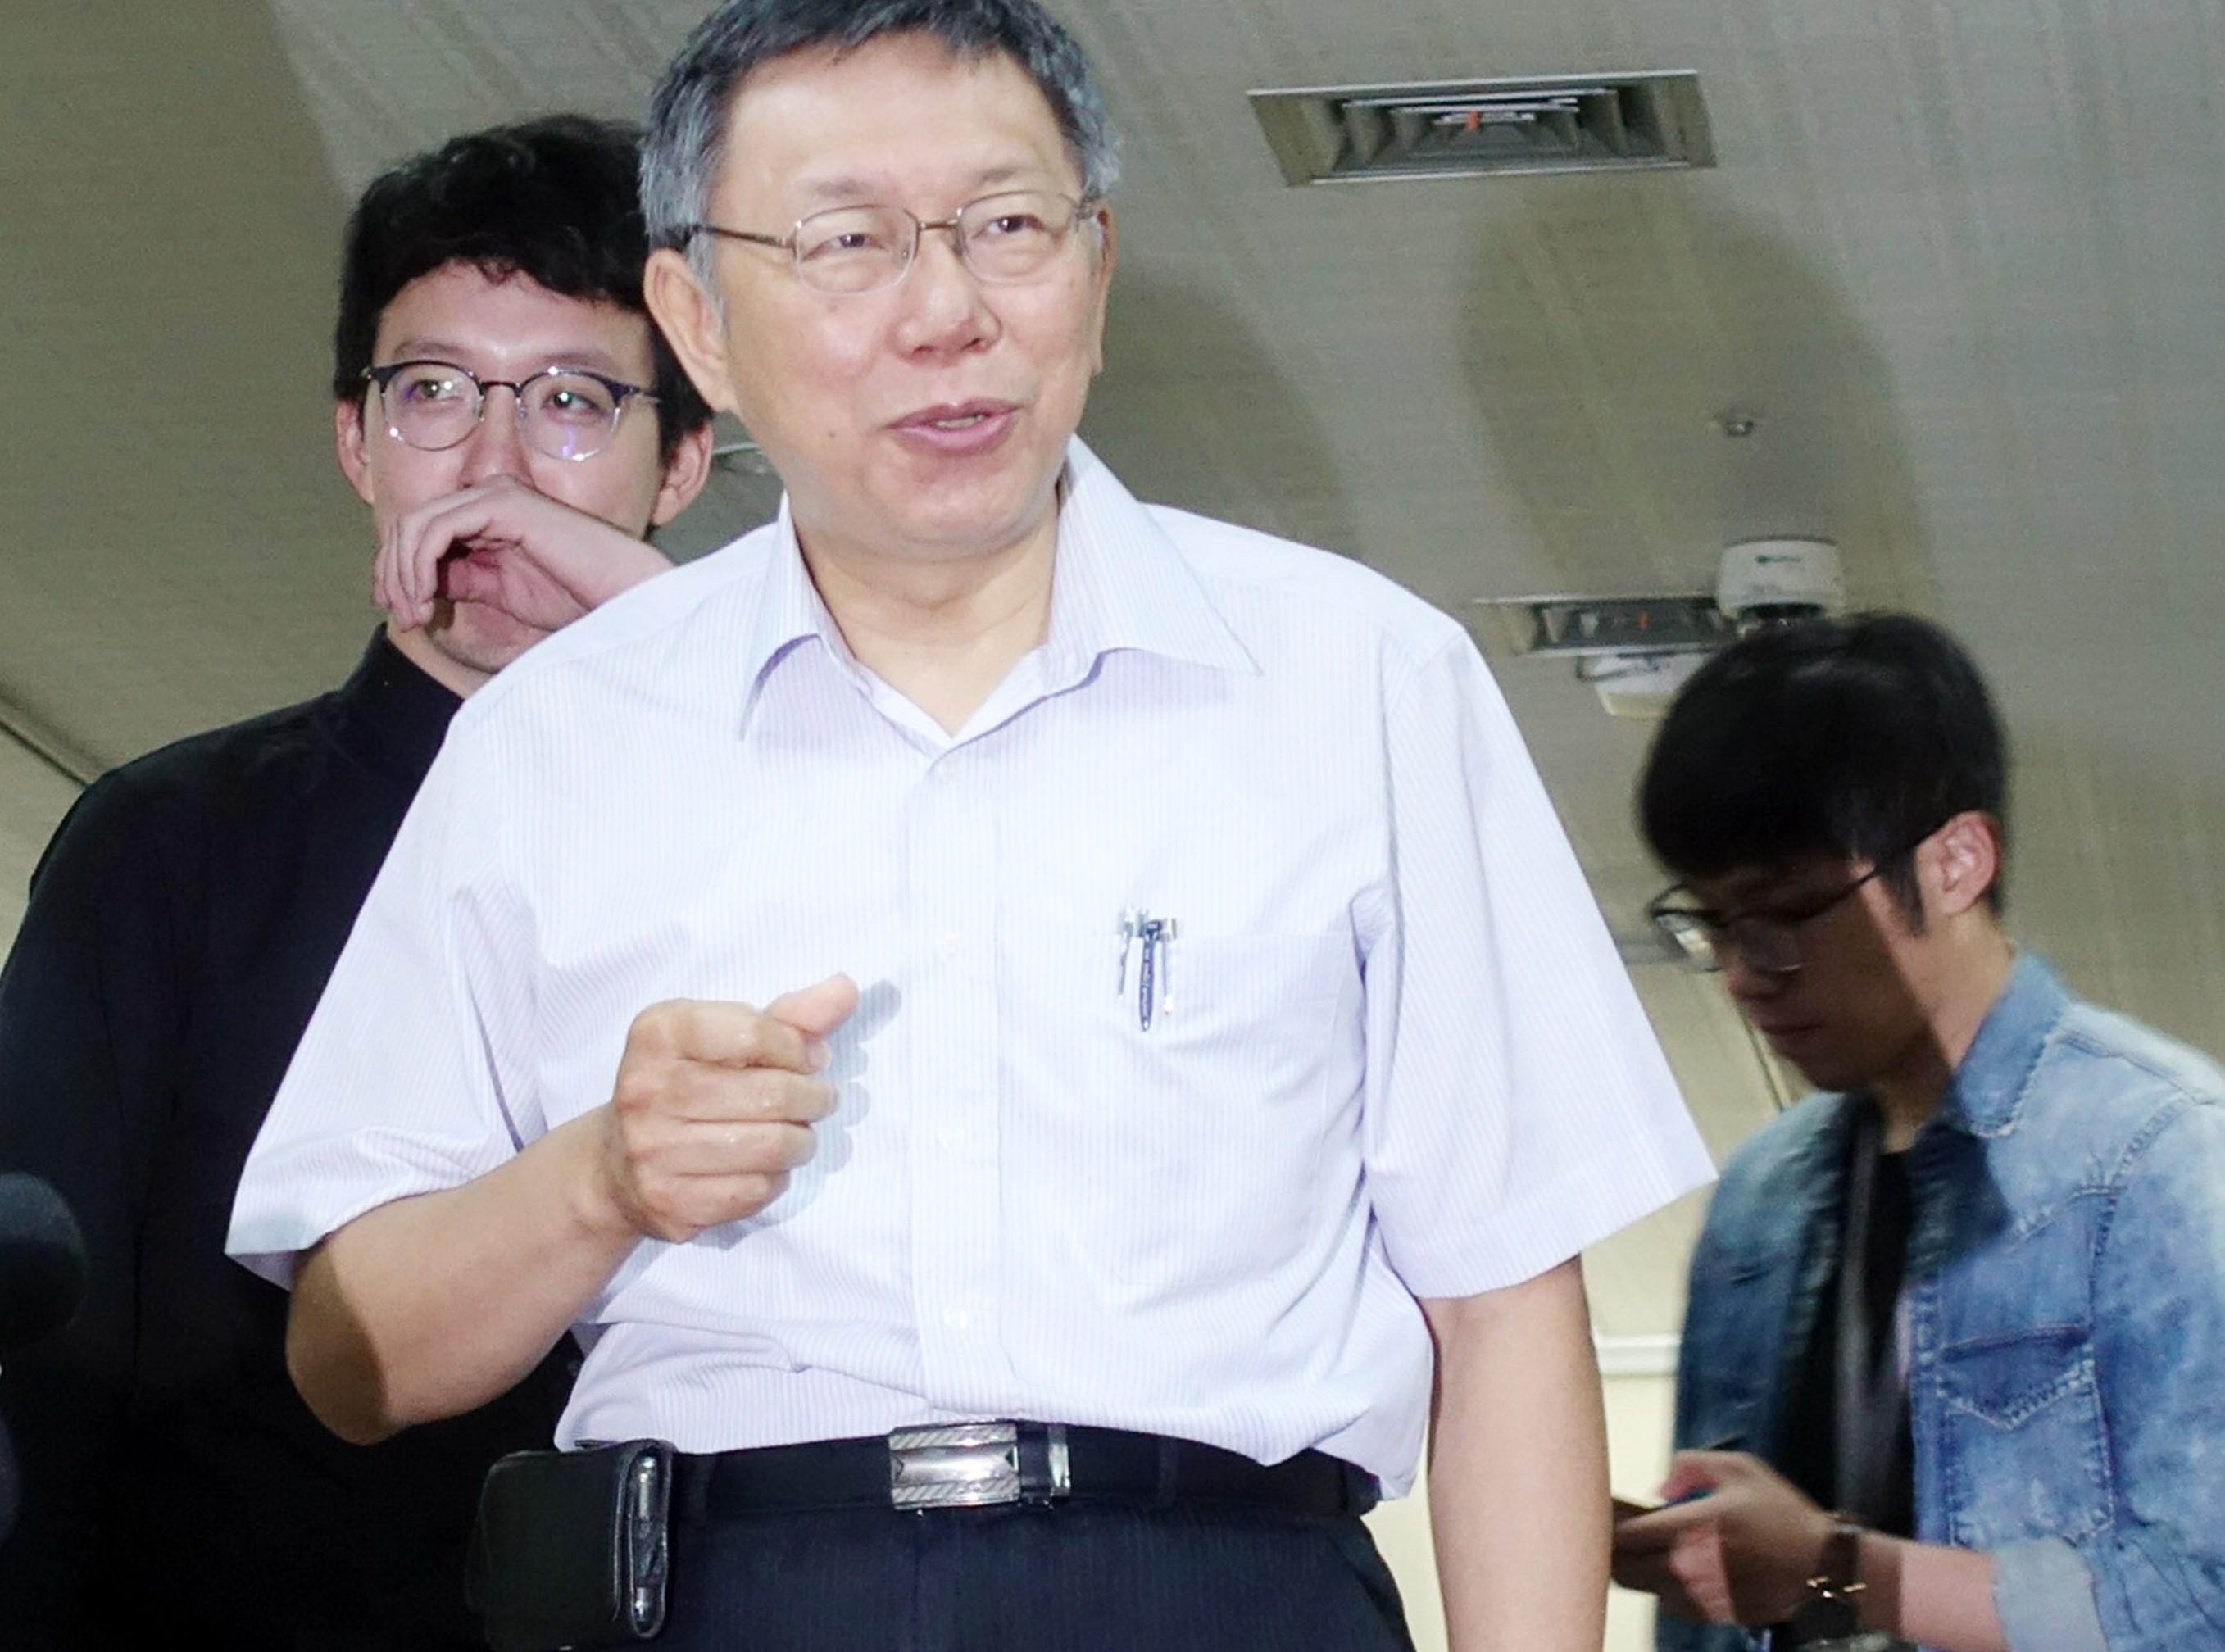 柯文哲(前)「正準備」參加明年台灣地區領導人選舉。(台灣「中央社」資料圖片)